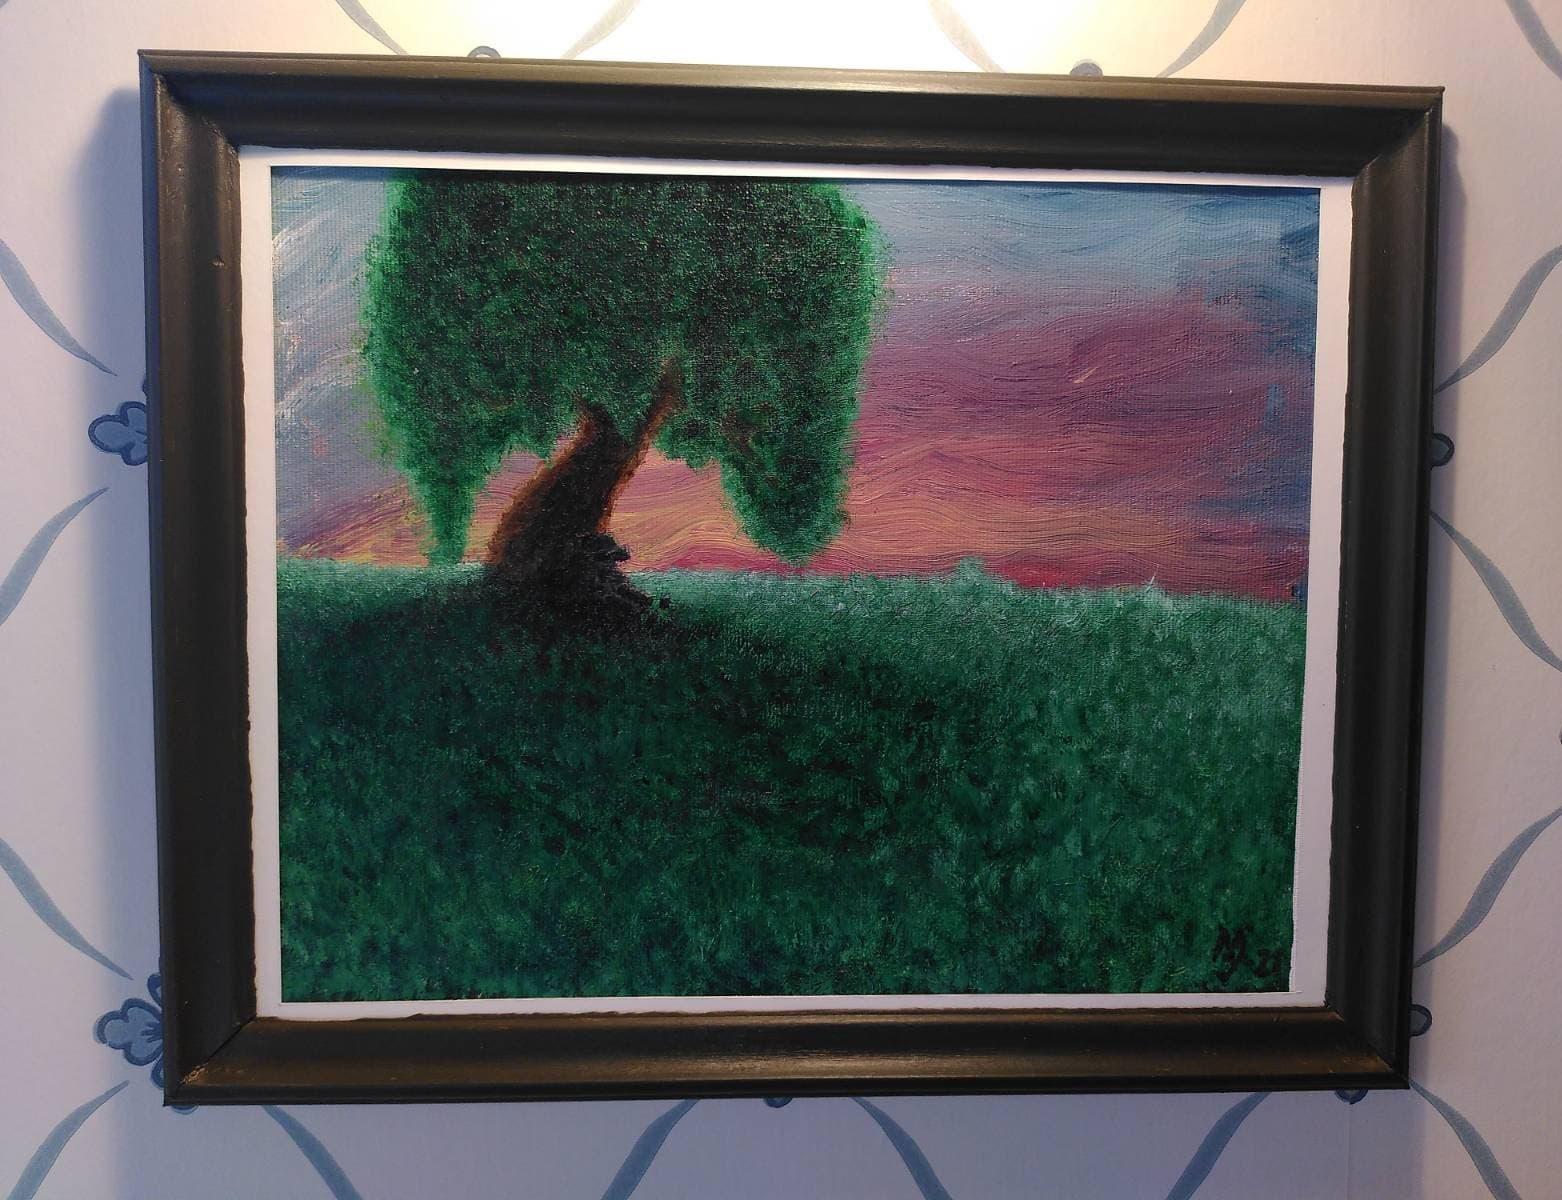 Tupplur på kullen:Akrylmålning föreställande en figur som tar en tupplur under ett ensamt träd uppe på en grön kulle under en solnedgång. Träram målad i en brungrön färg.